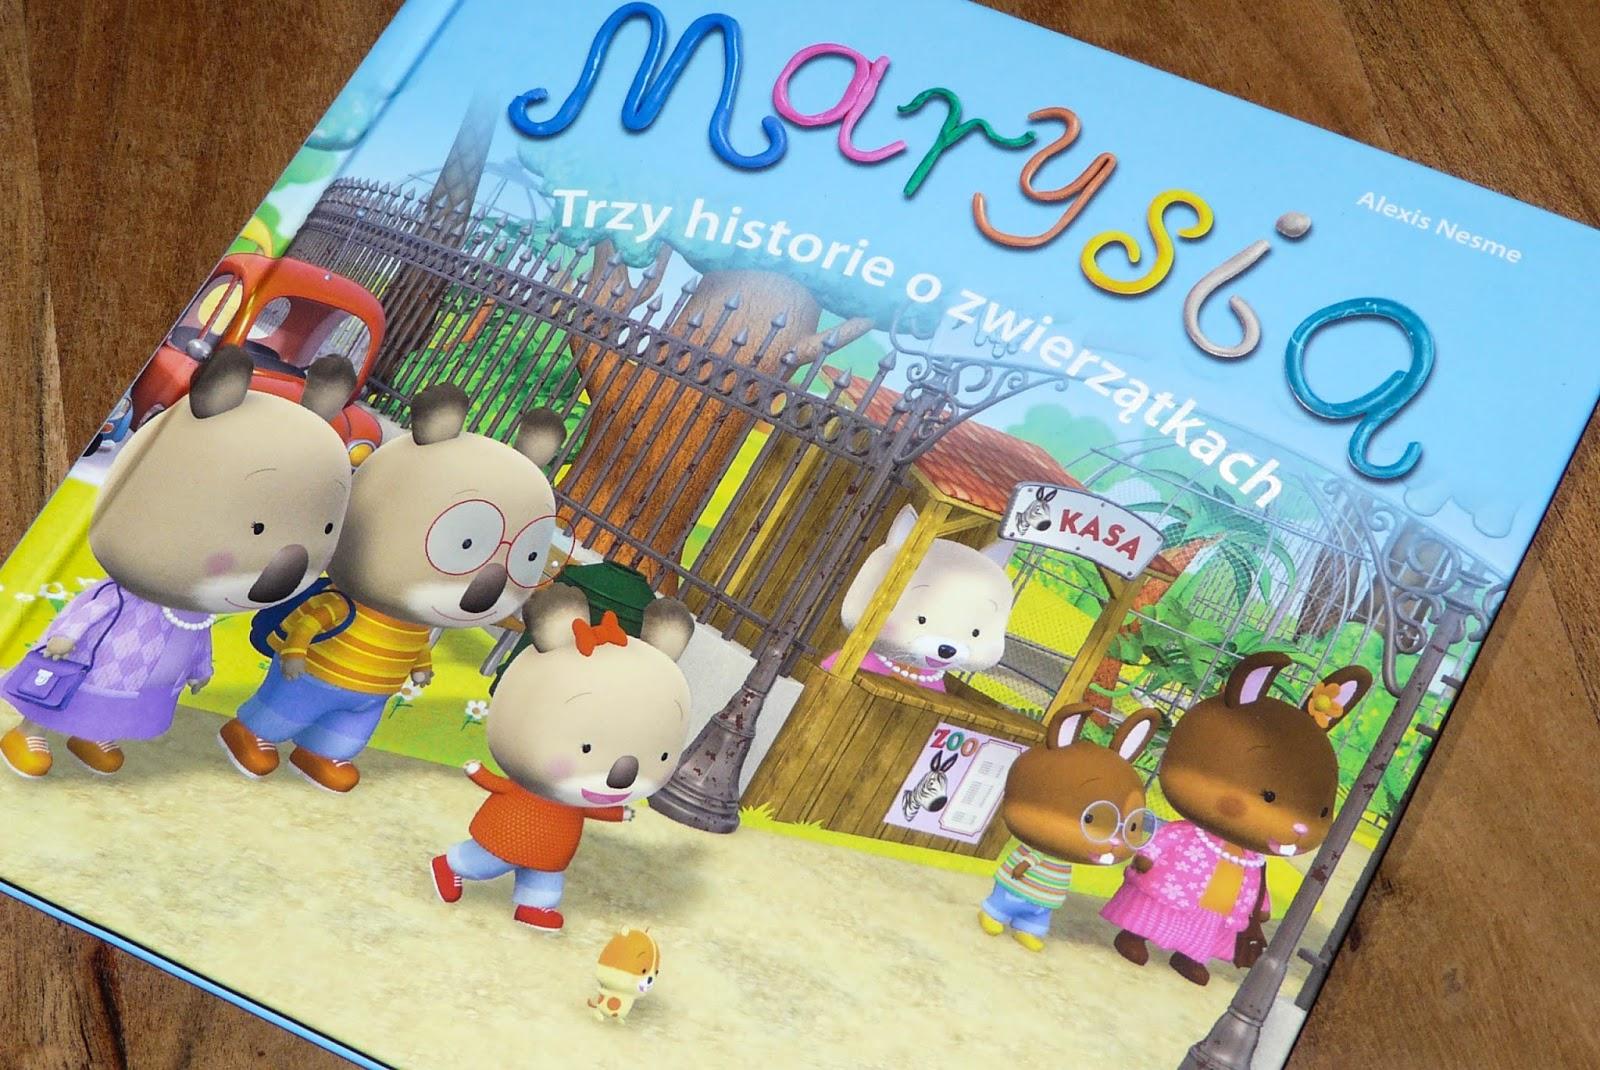 co czytać trzylatkowi, książki dla przedszkolaków, misia marysia, książki dla dzieci